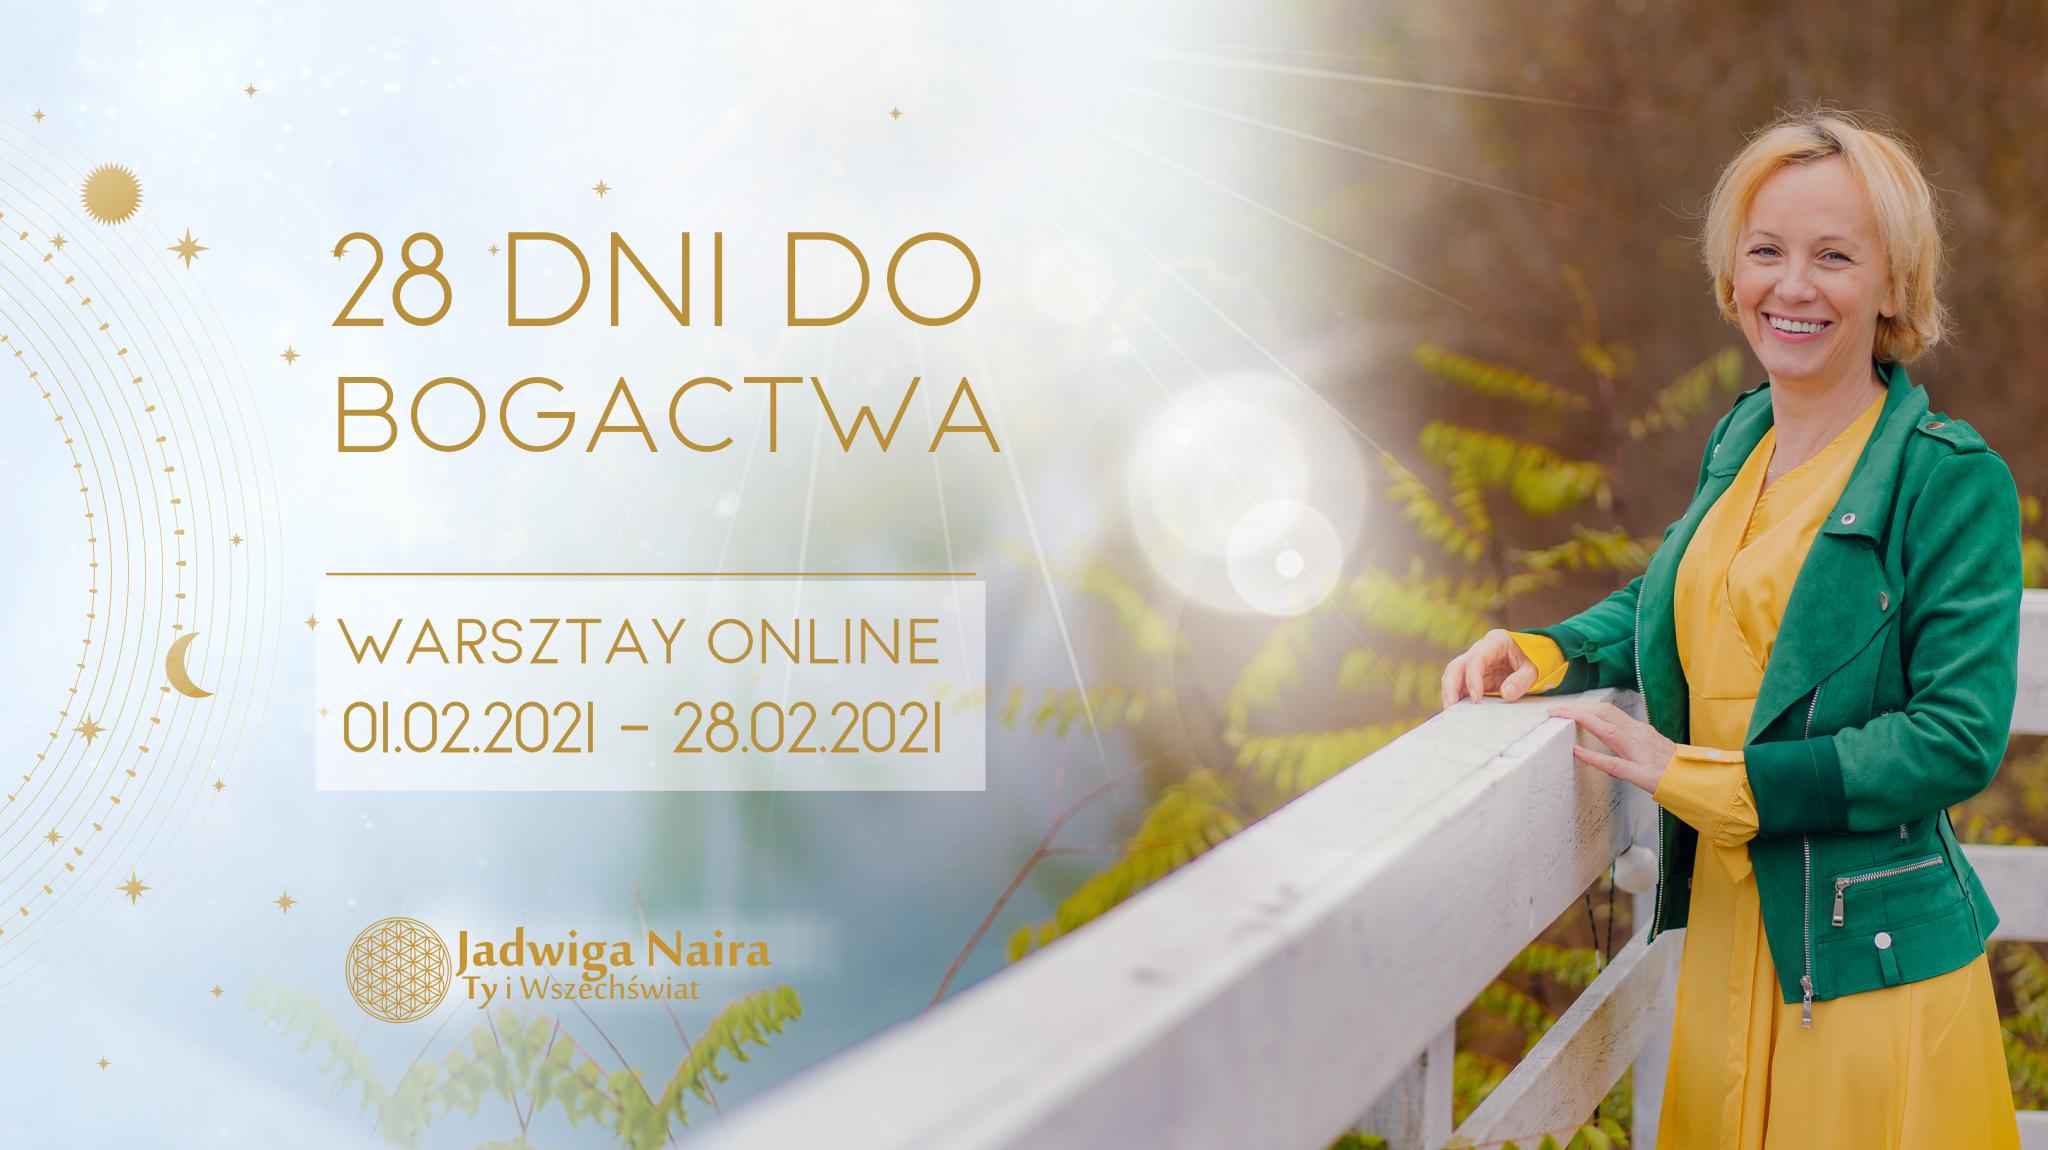 28 Dni do Bogactwa / warsztat online